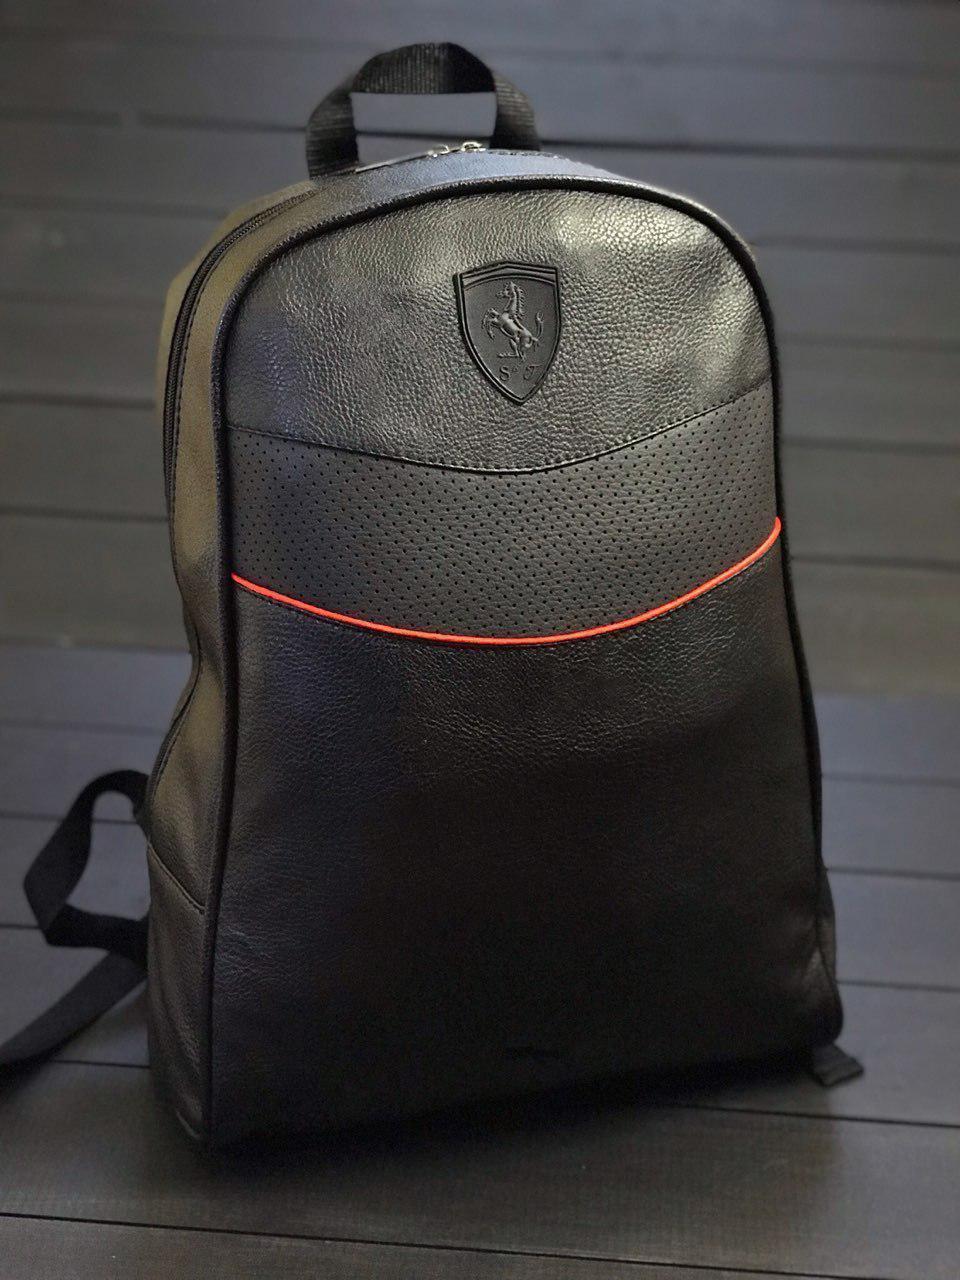 Рюкзак  Puma Ferrari  мужской кожаный городской черный